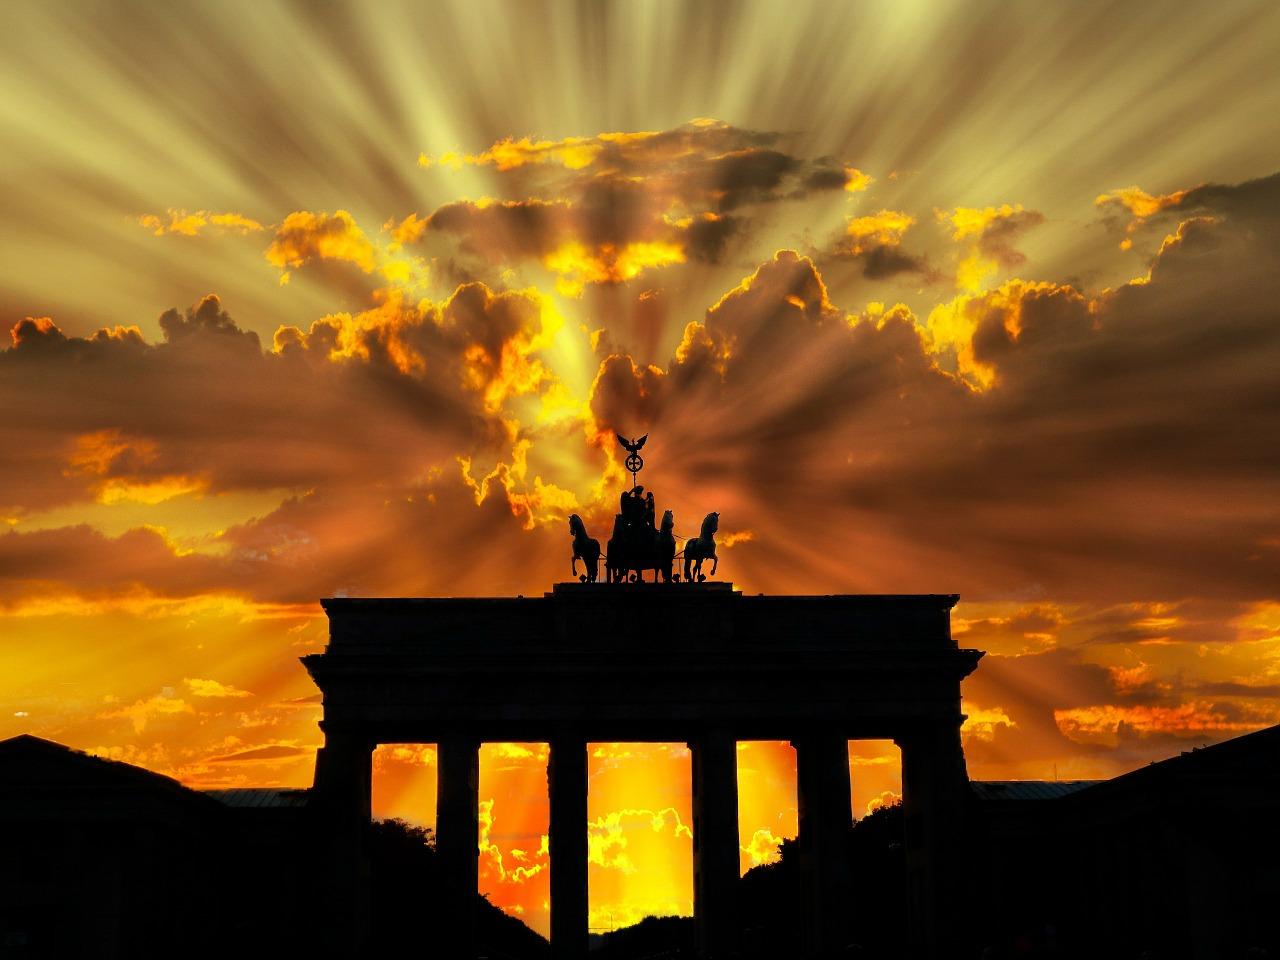 Städtereise Berlin. Die besten Sehenswürdigkeiten und Hotspots!